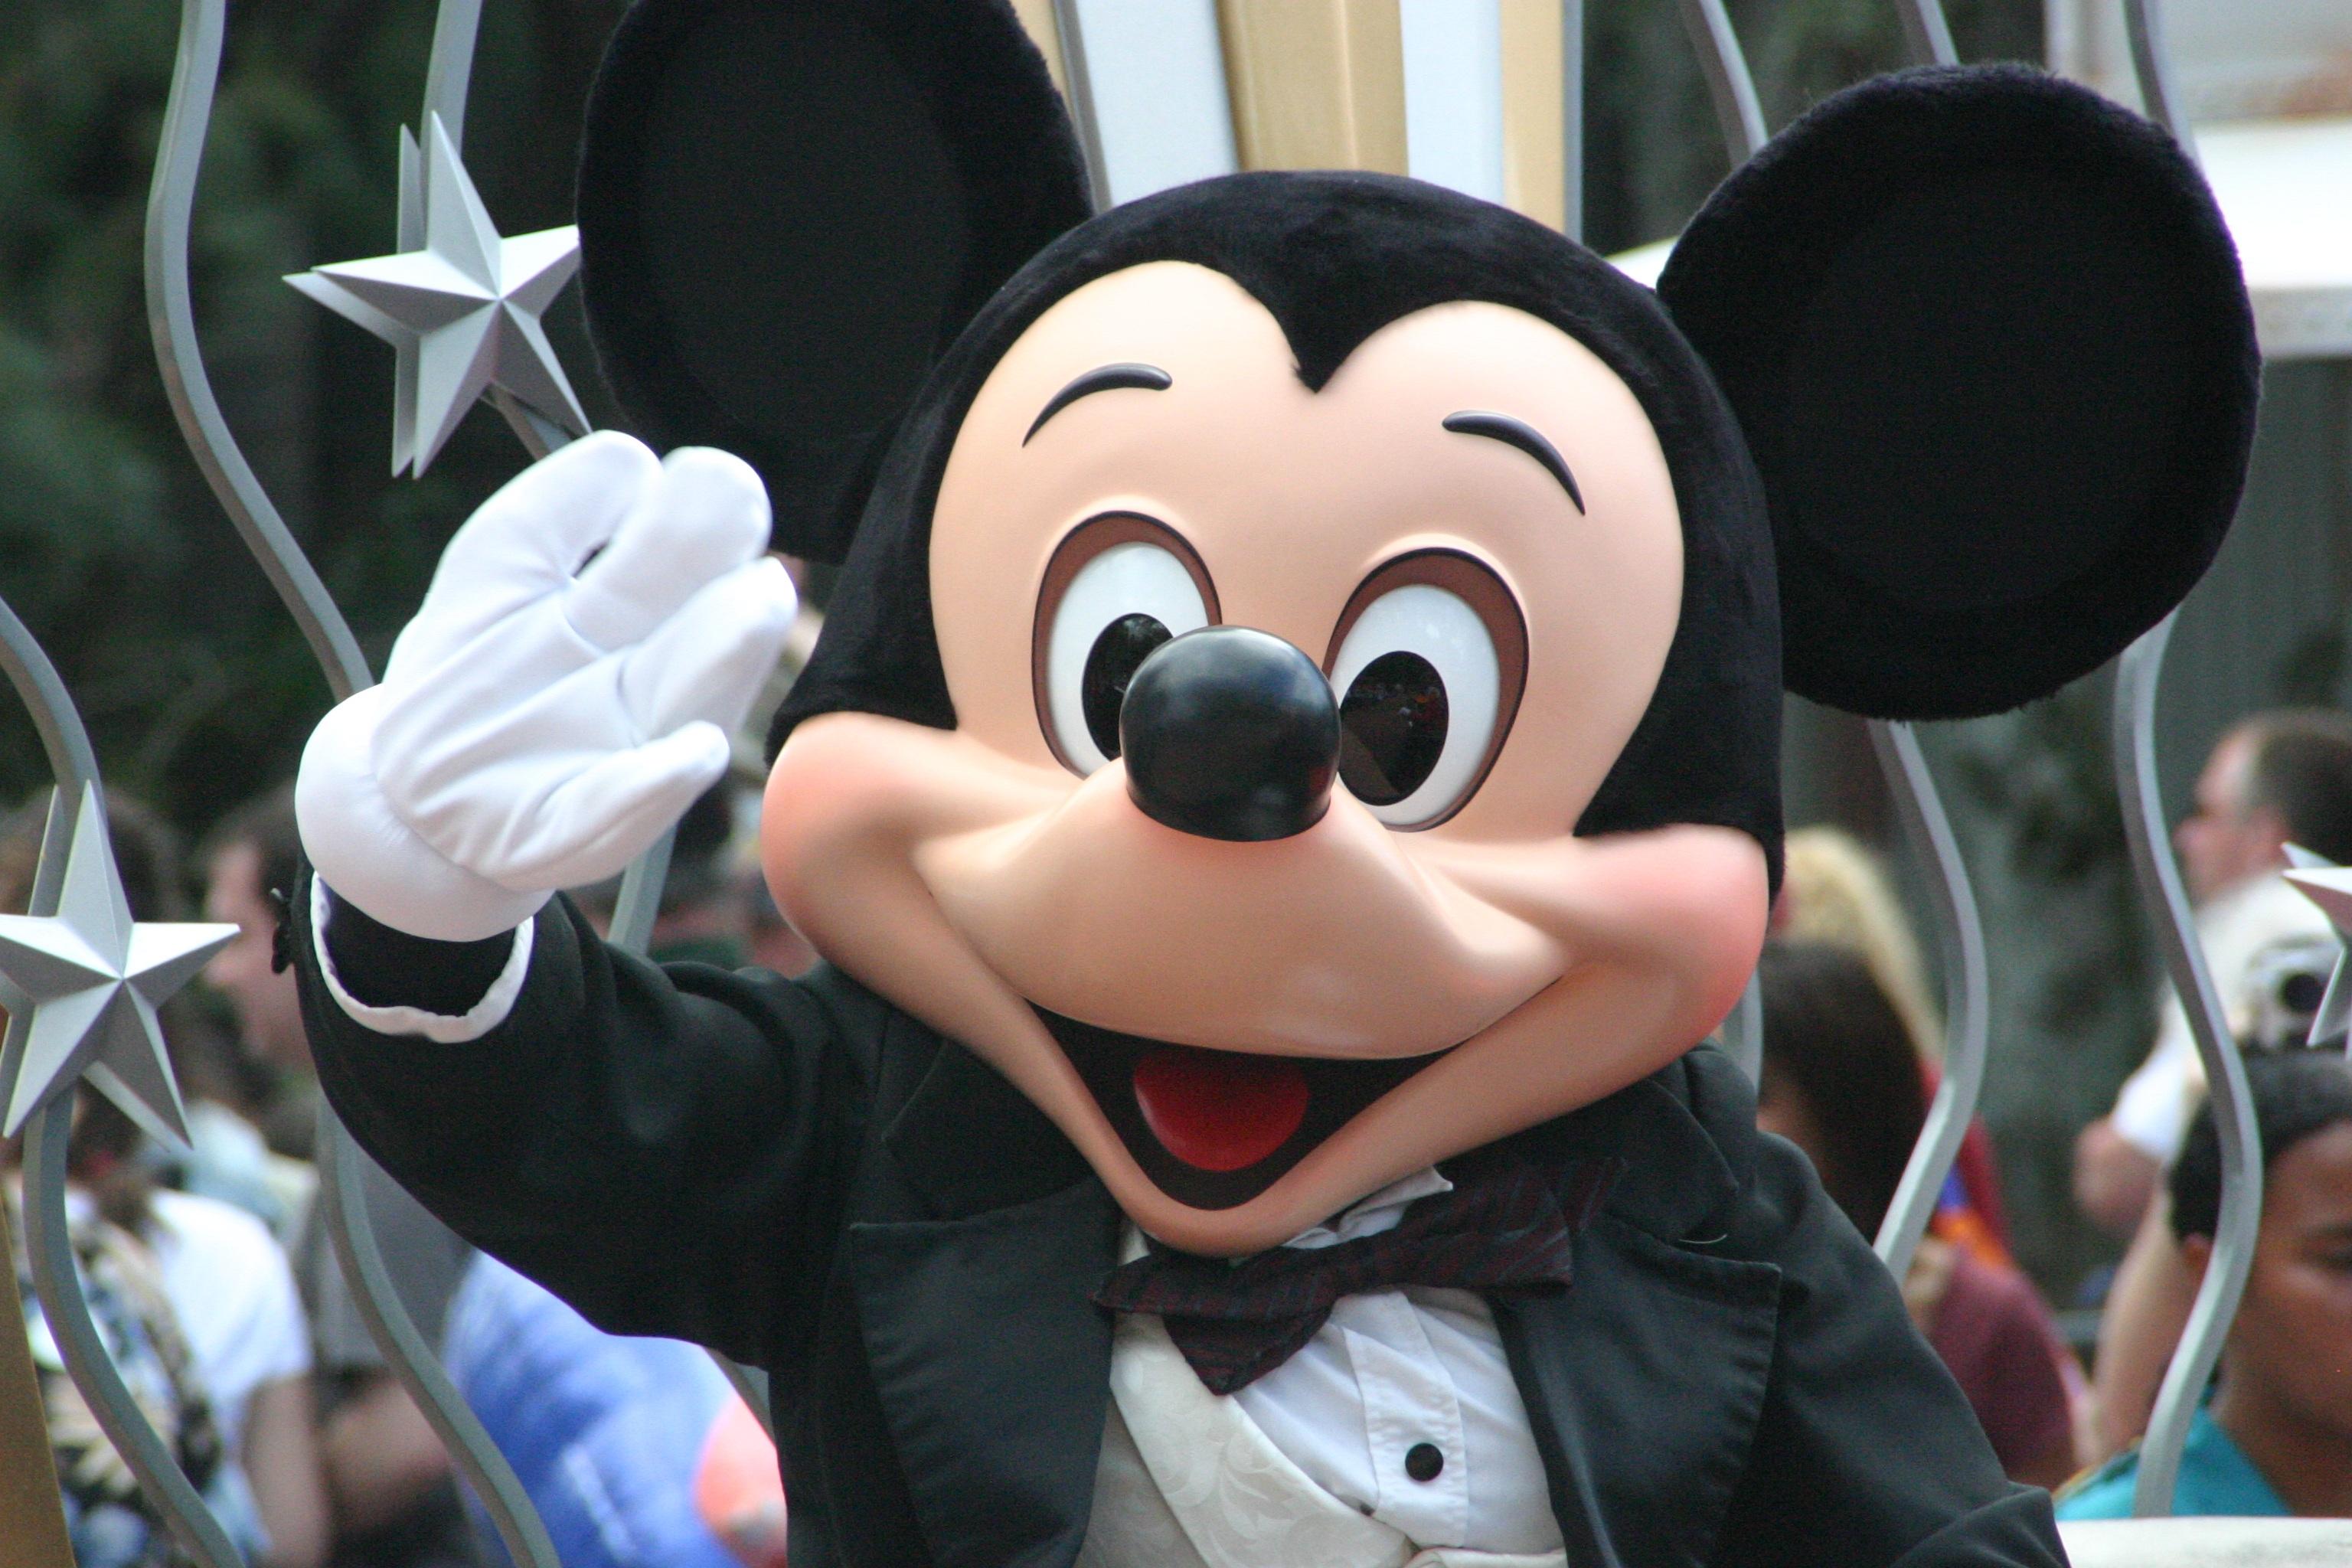 zábavní park průvod Disney kostým anime posměch Disneyland Mickey Mouse  Walt Disney 05996238837